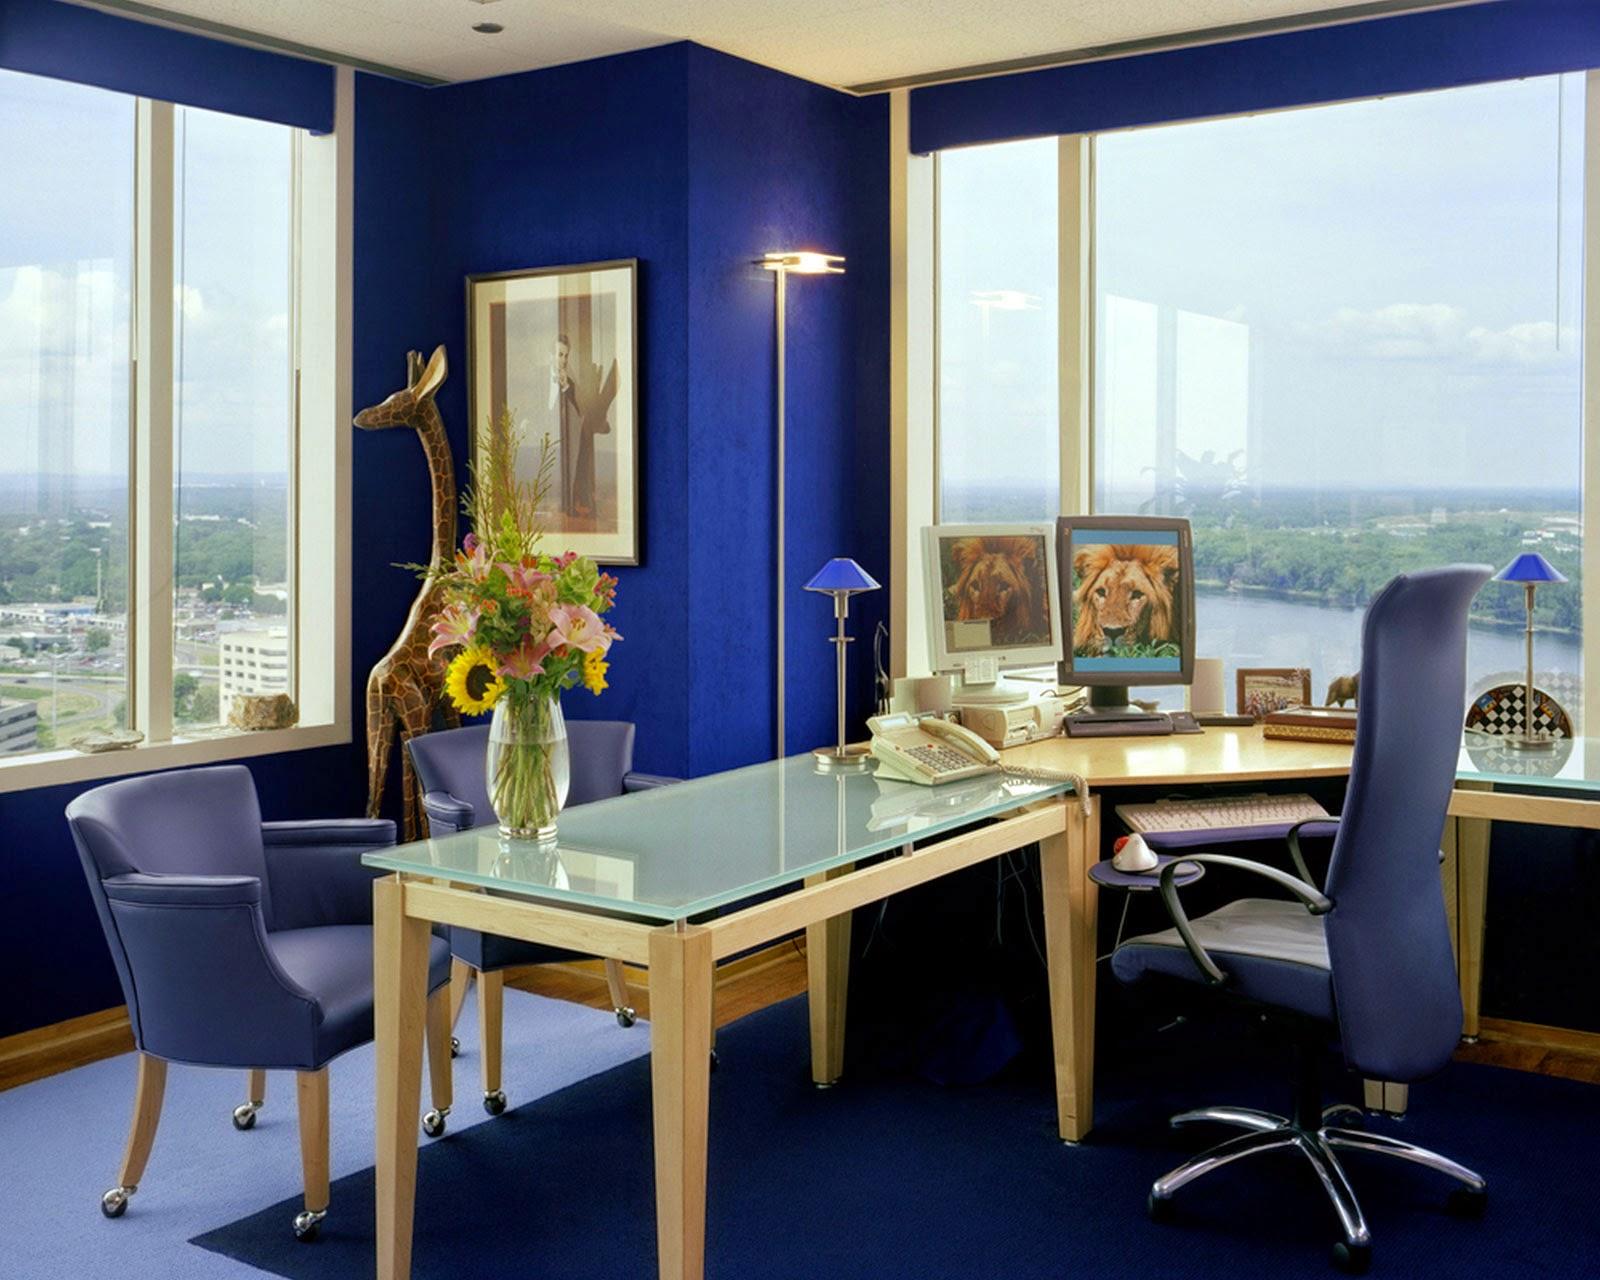 Design-Paint-Color-Blue-Minimalist-Work-Space